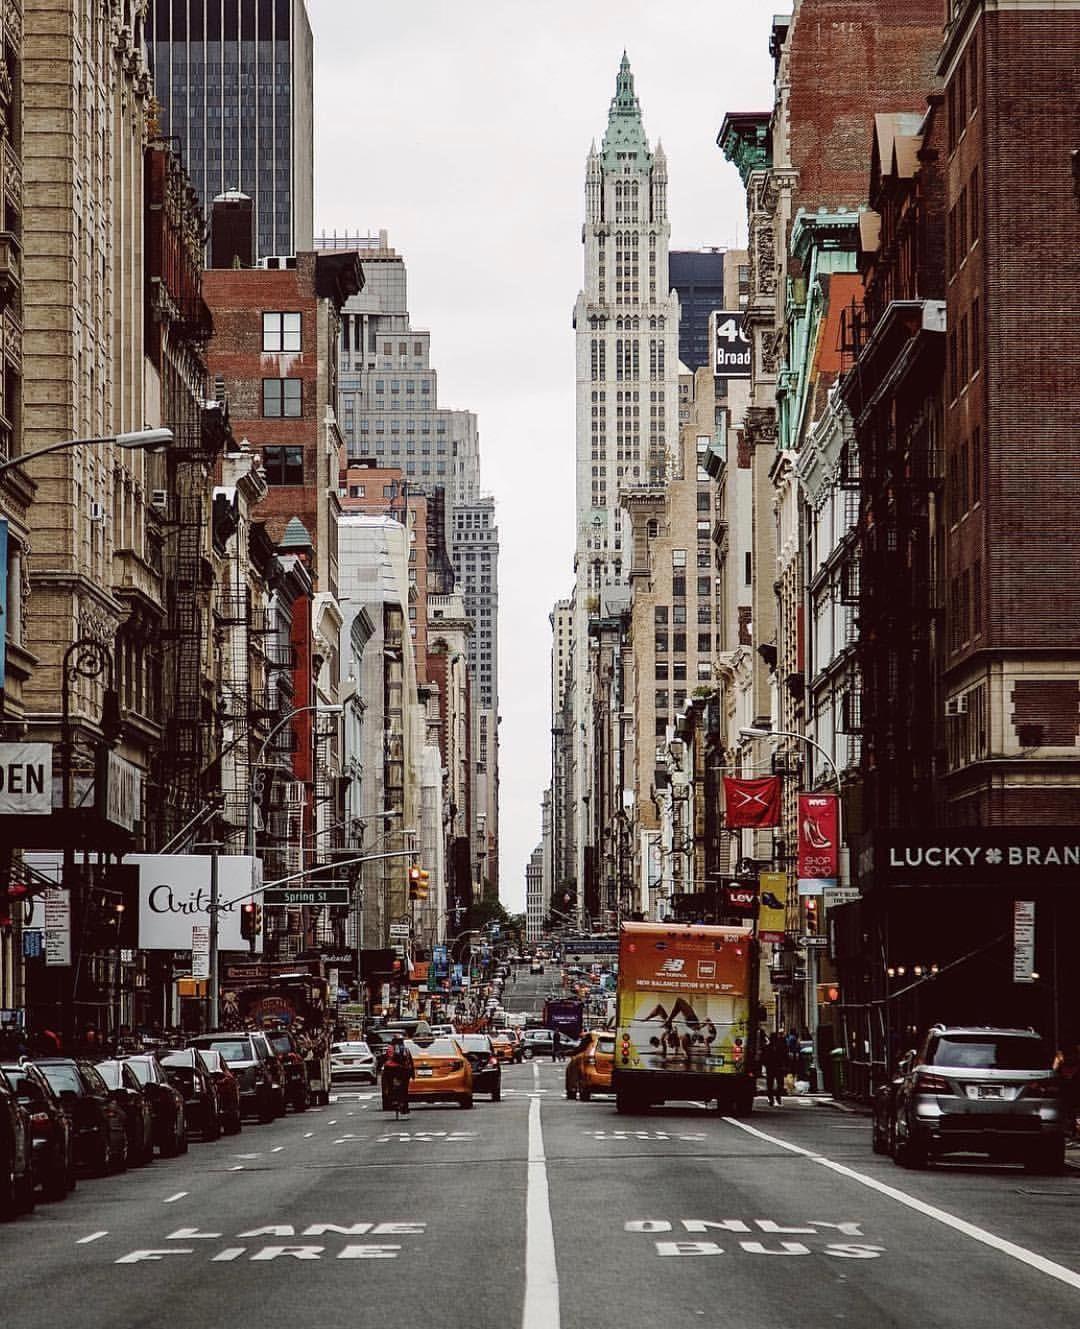 New York City | NYC | New York City, Home nyc, New york street